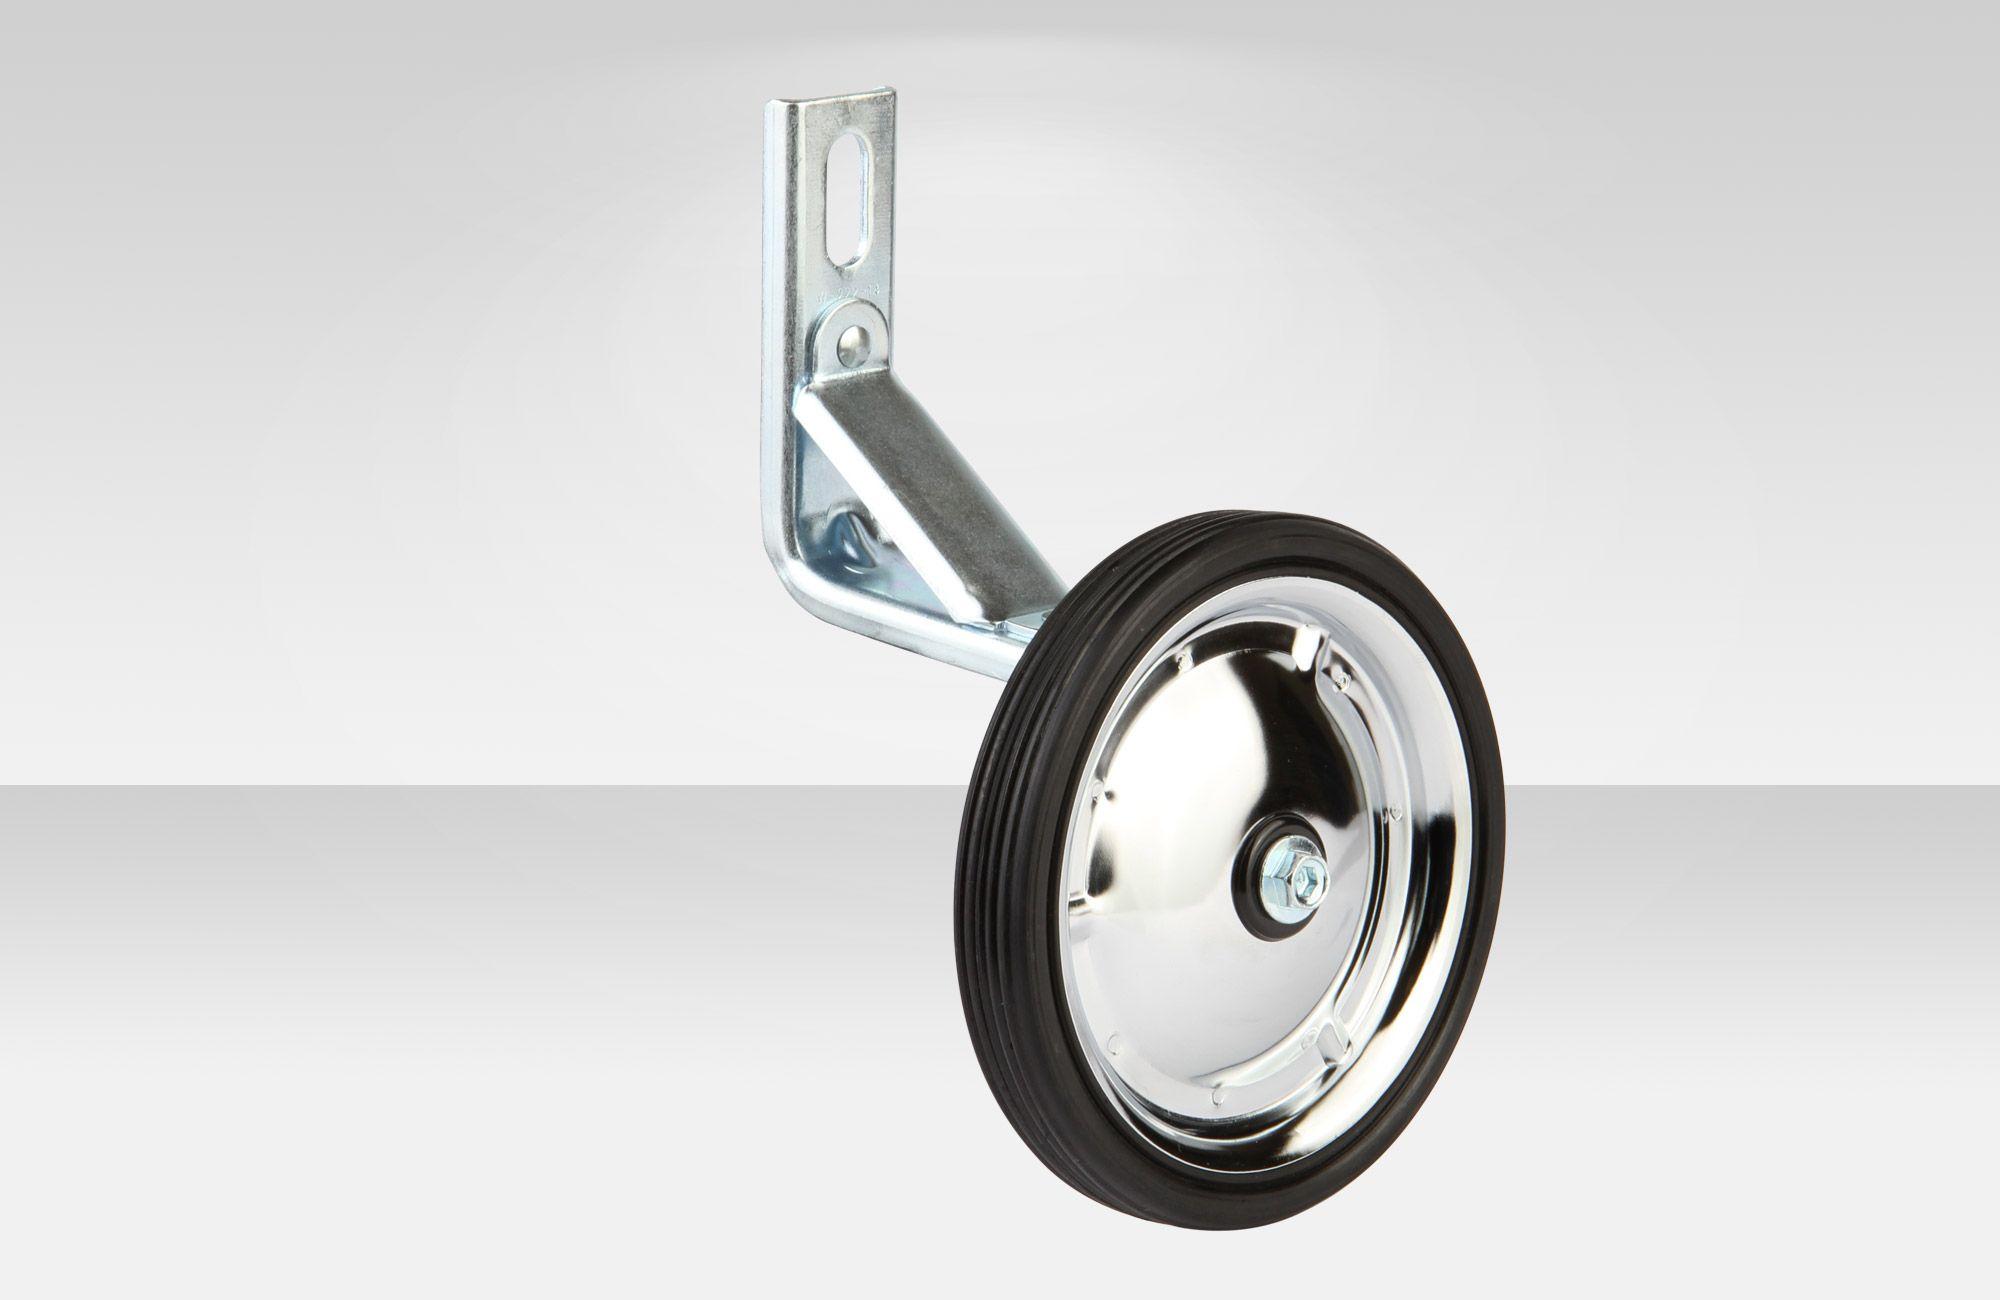 Аксессуар Stels Дополнительное колесо SW 222G 12,  разное  - артикул:282383